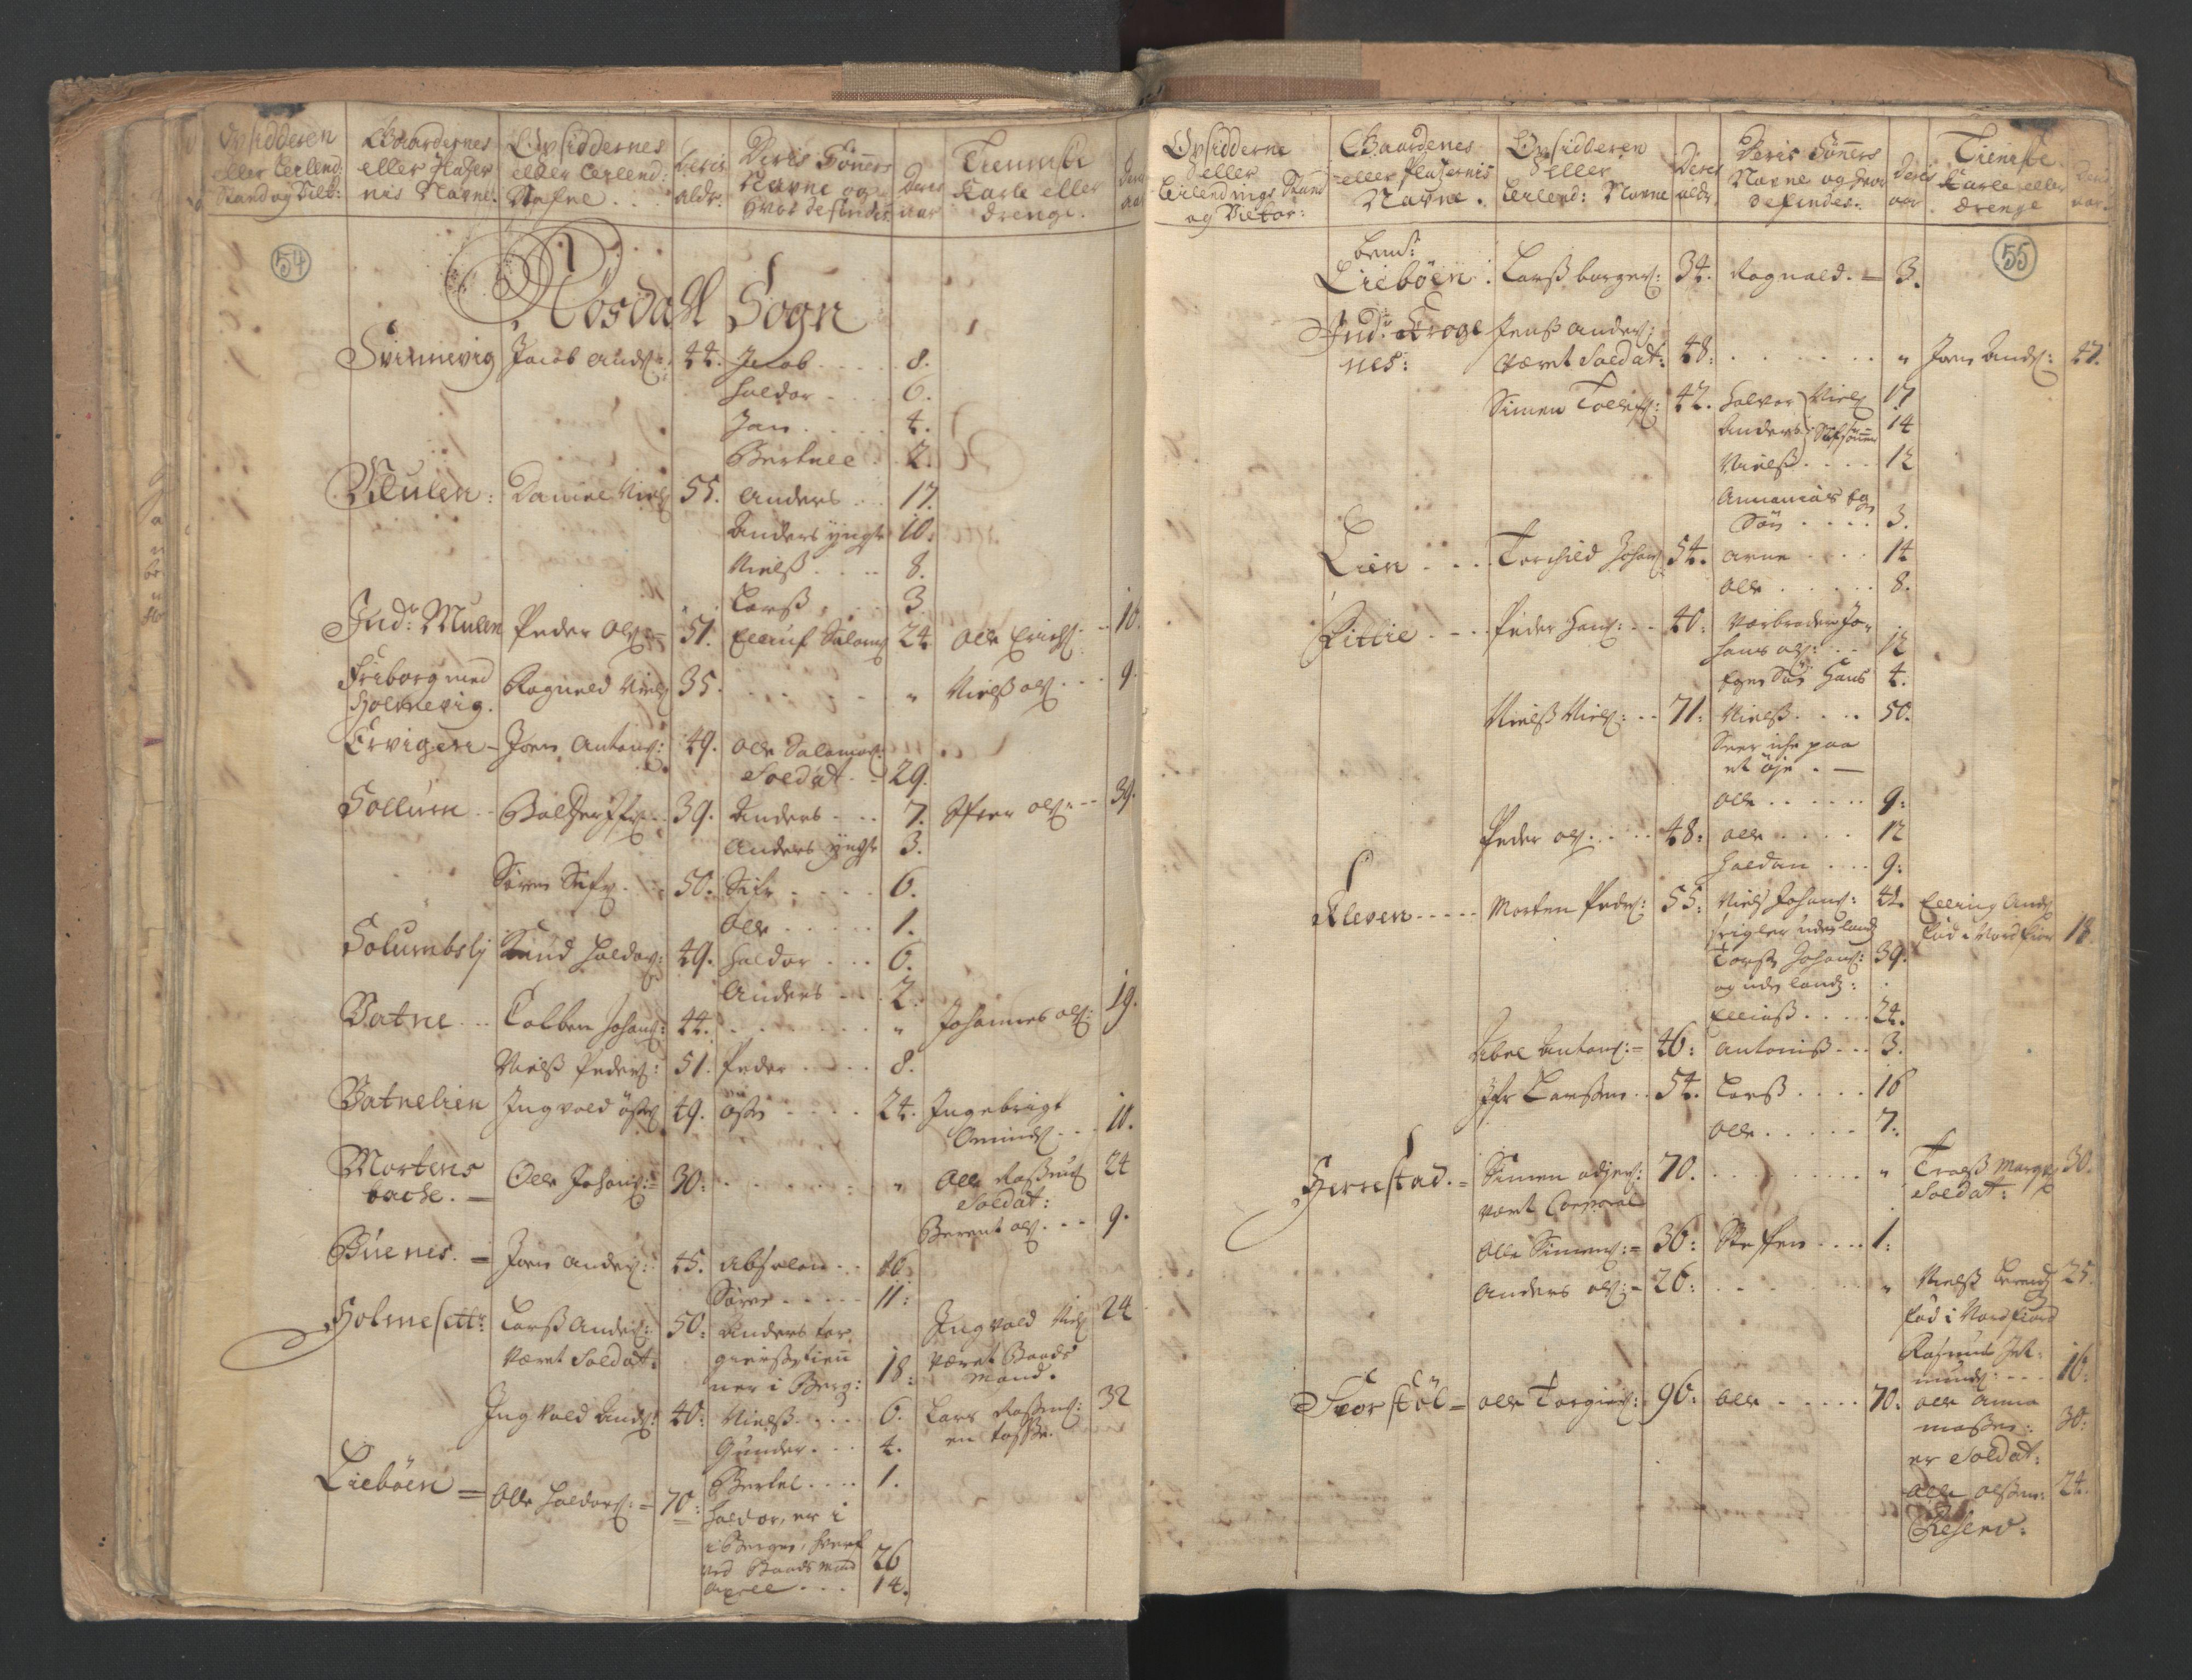 RA, Manntallet 1701, nr. 9: Sunnfjord fogderi, Nordfjord fogderi og Svanø birk, 1701, s. 54-55